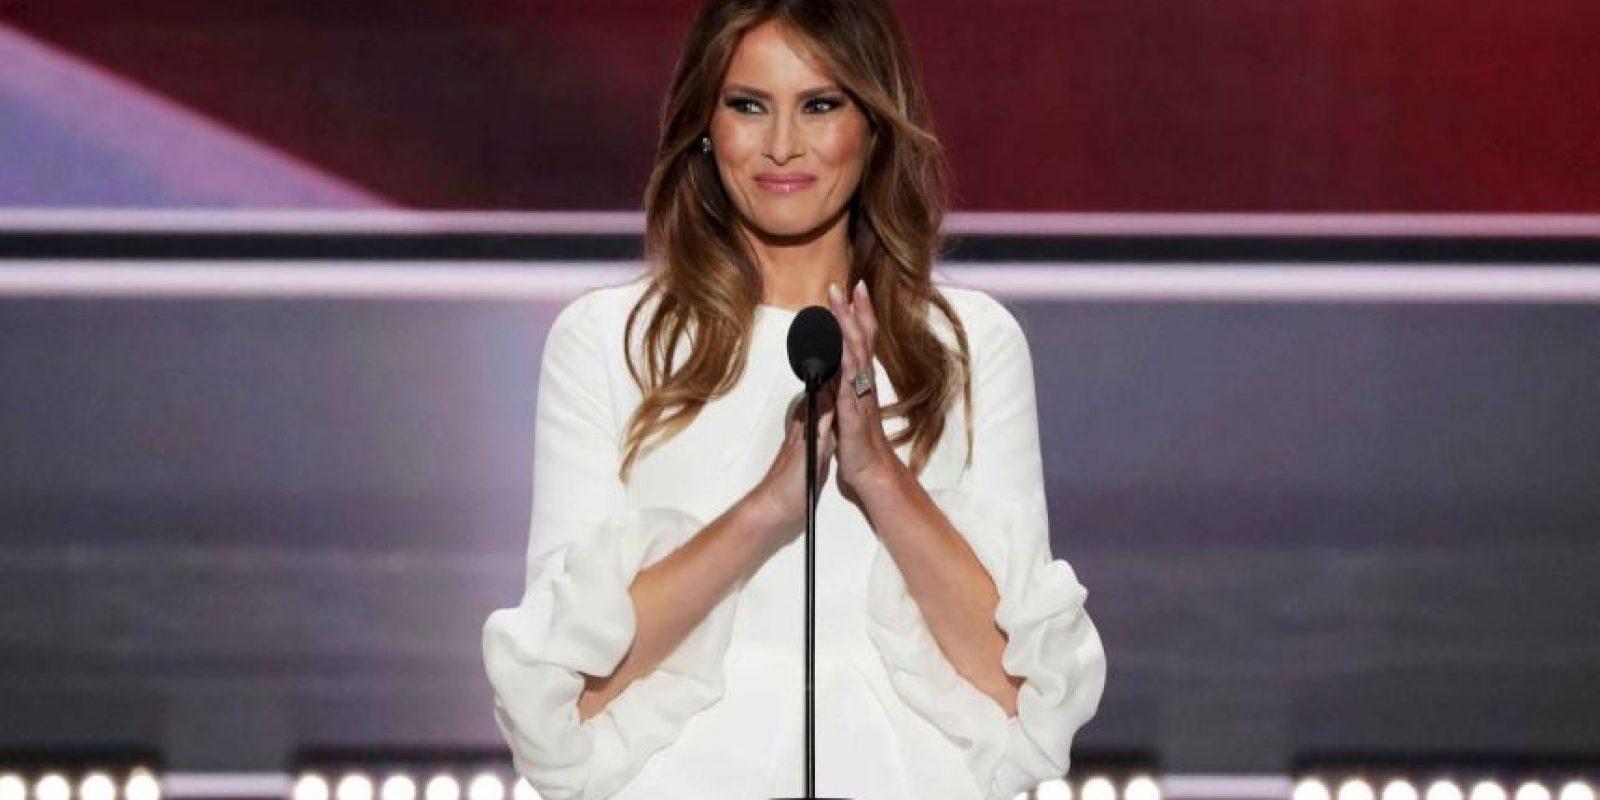 Melania Trump ofreció una visión personal sobre su esposo Donald Trump.